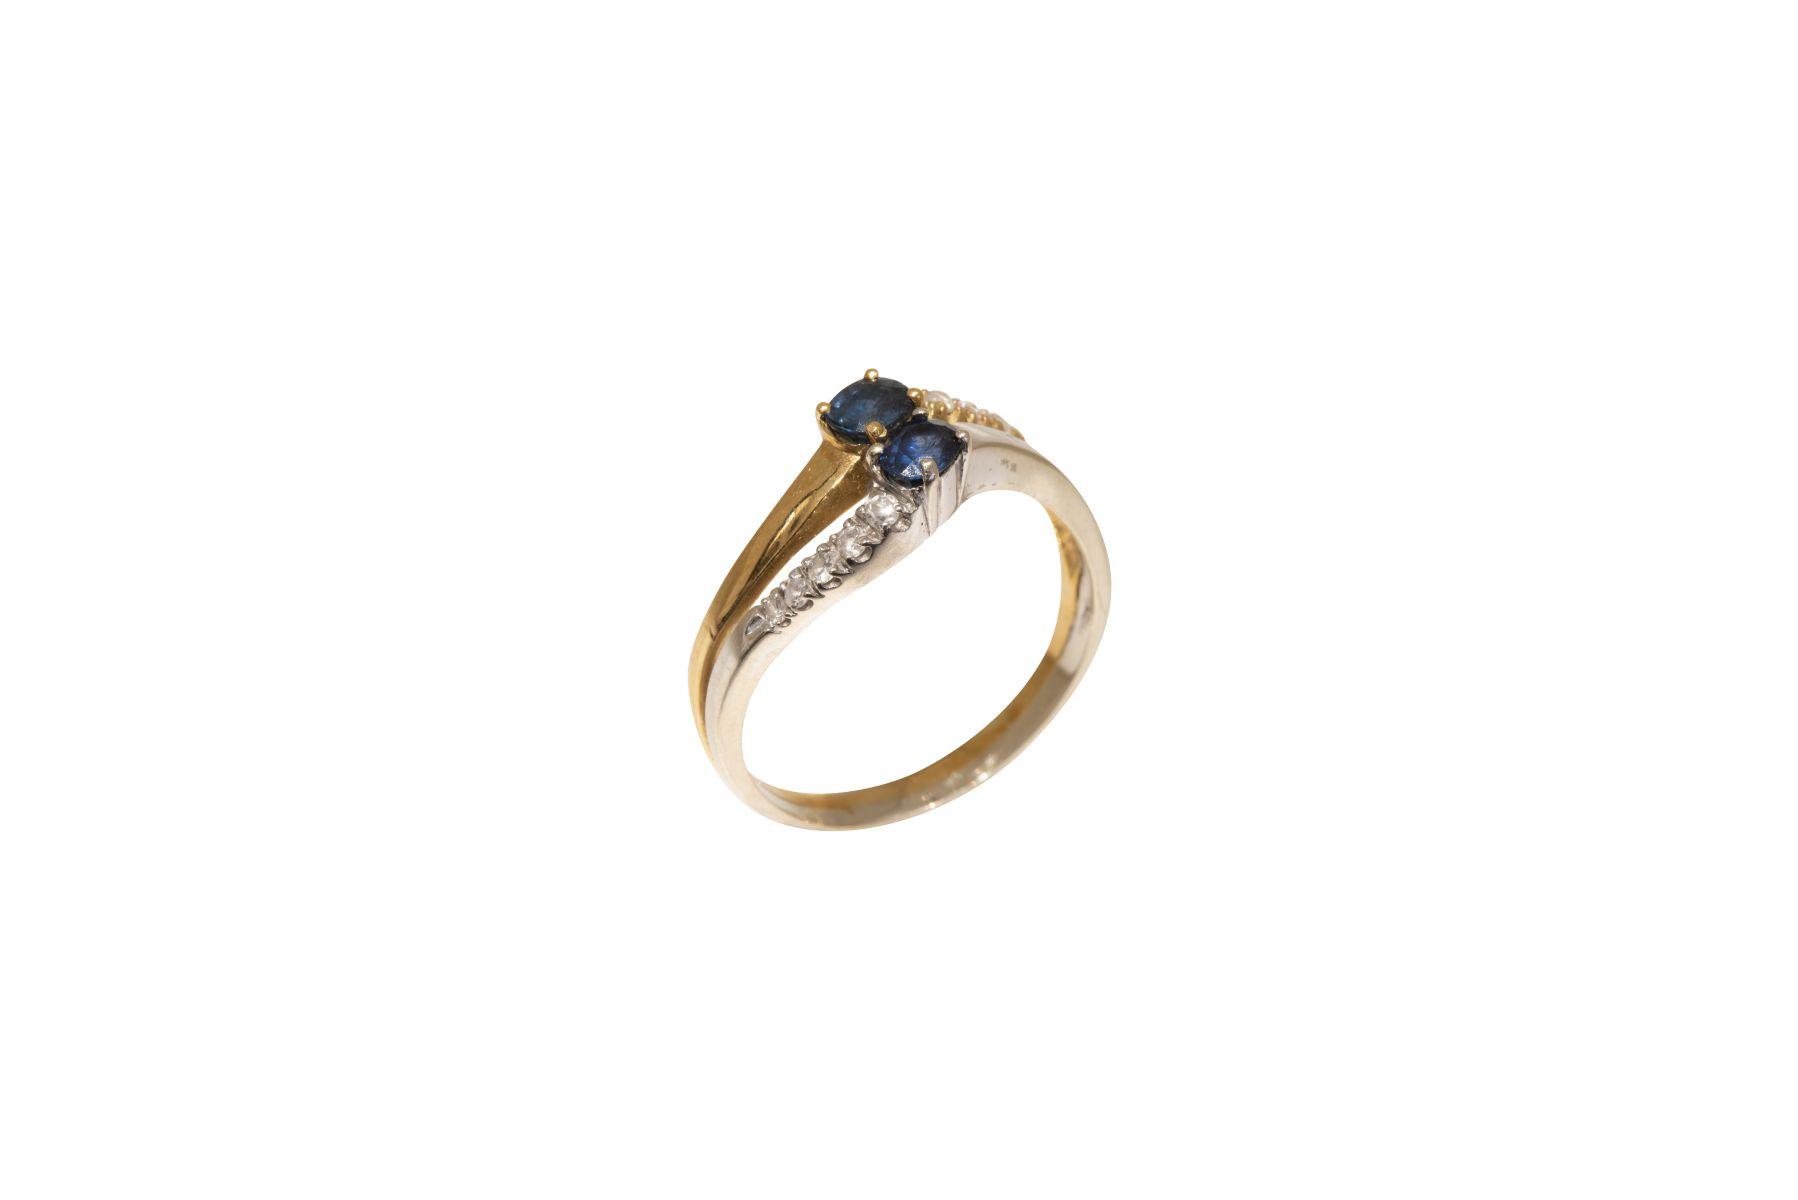 #209 Ring | Ring Image